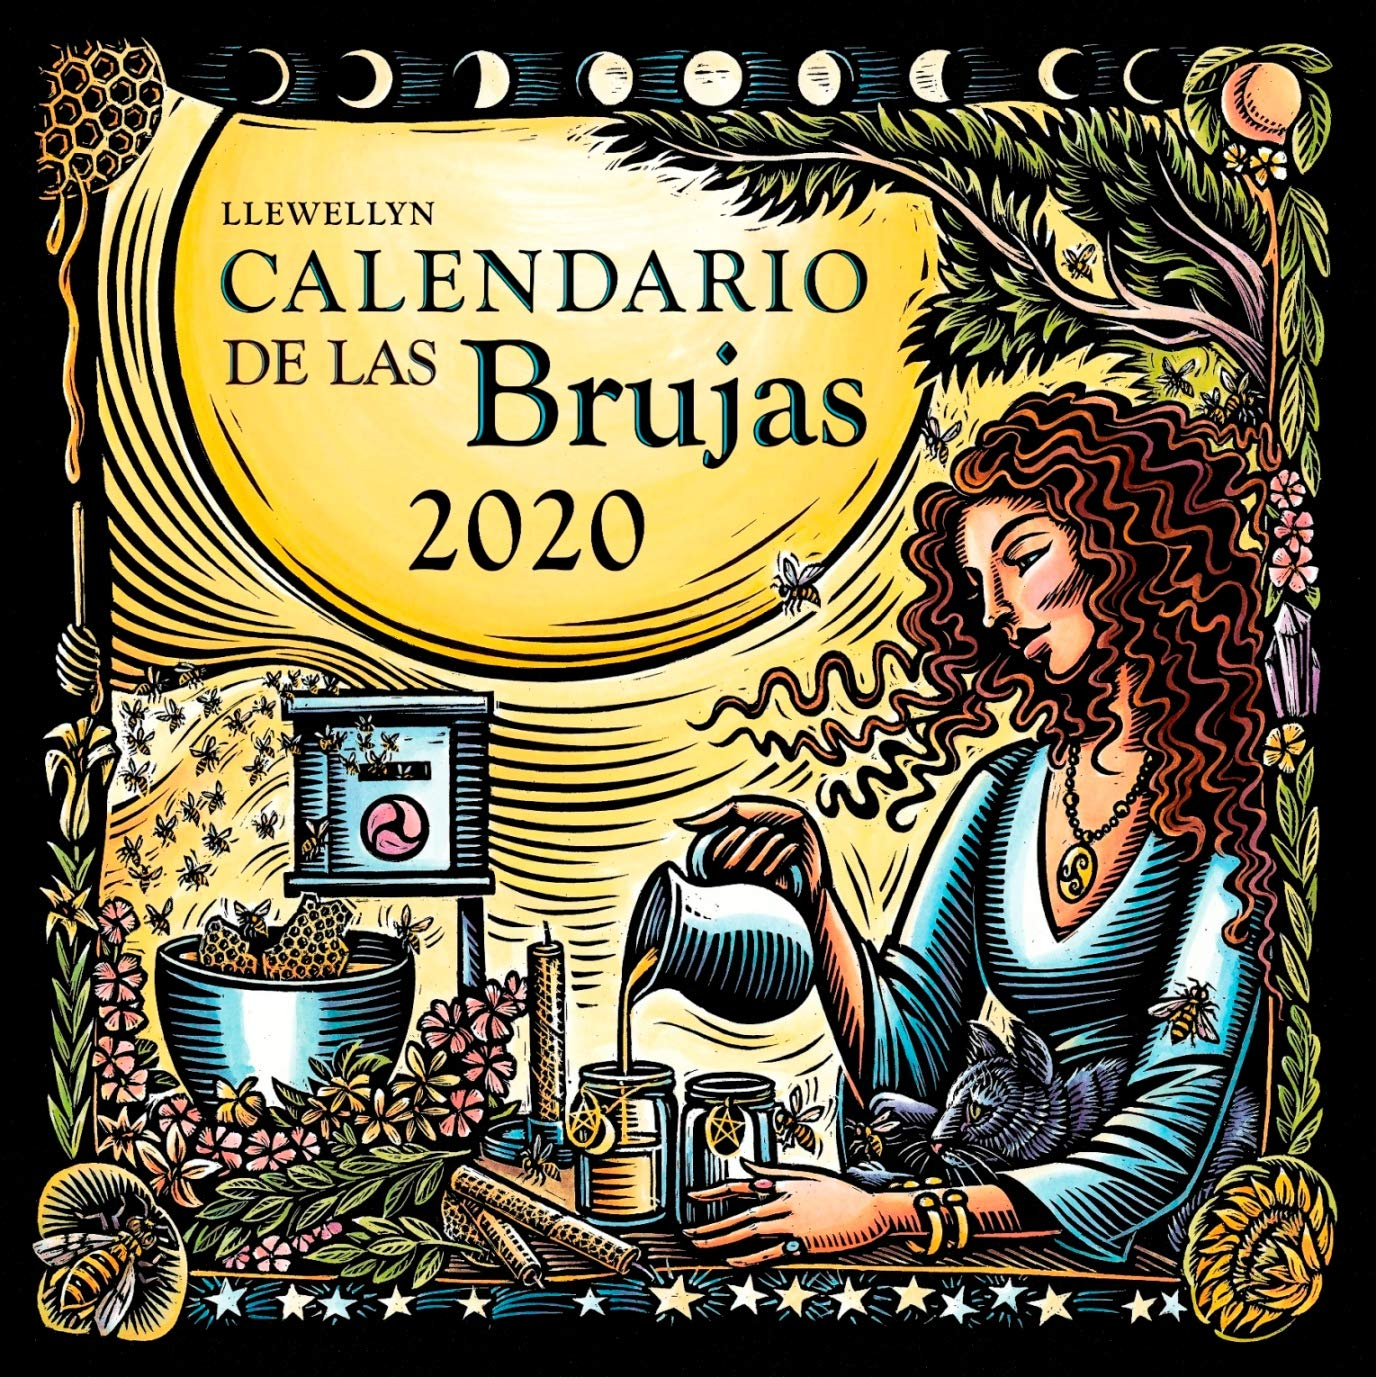 Calendario de Las Brujas 2020: Amazon.es: Llewellyn: Libros